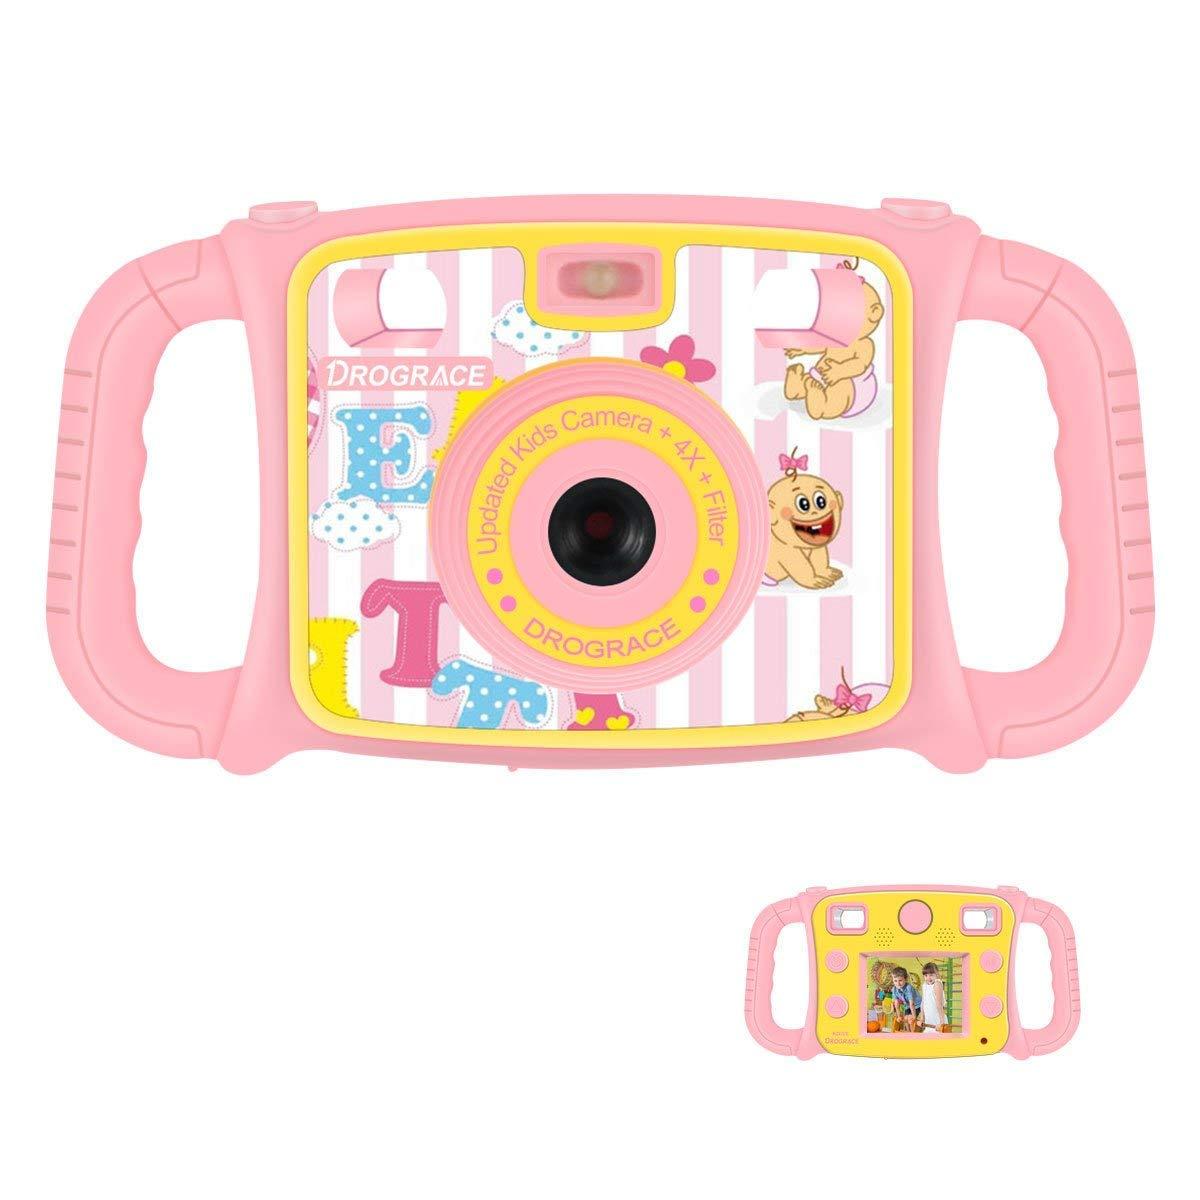 DROGRACE Enfant Appareil Photo Numérique Caméra 1080P HD Video Camera avec 4 x Zoom , Flash Lights, 2 Pouces LCD et poignées pour Cadeau d'anniversaire de Filles - Pink Kids Digital Camera